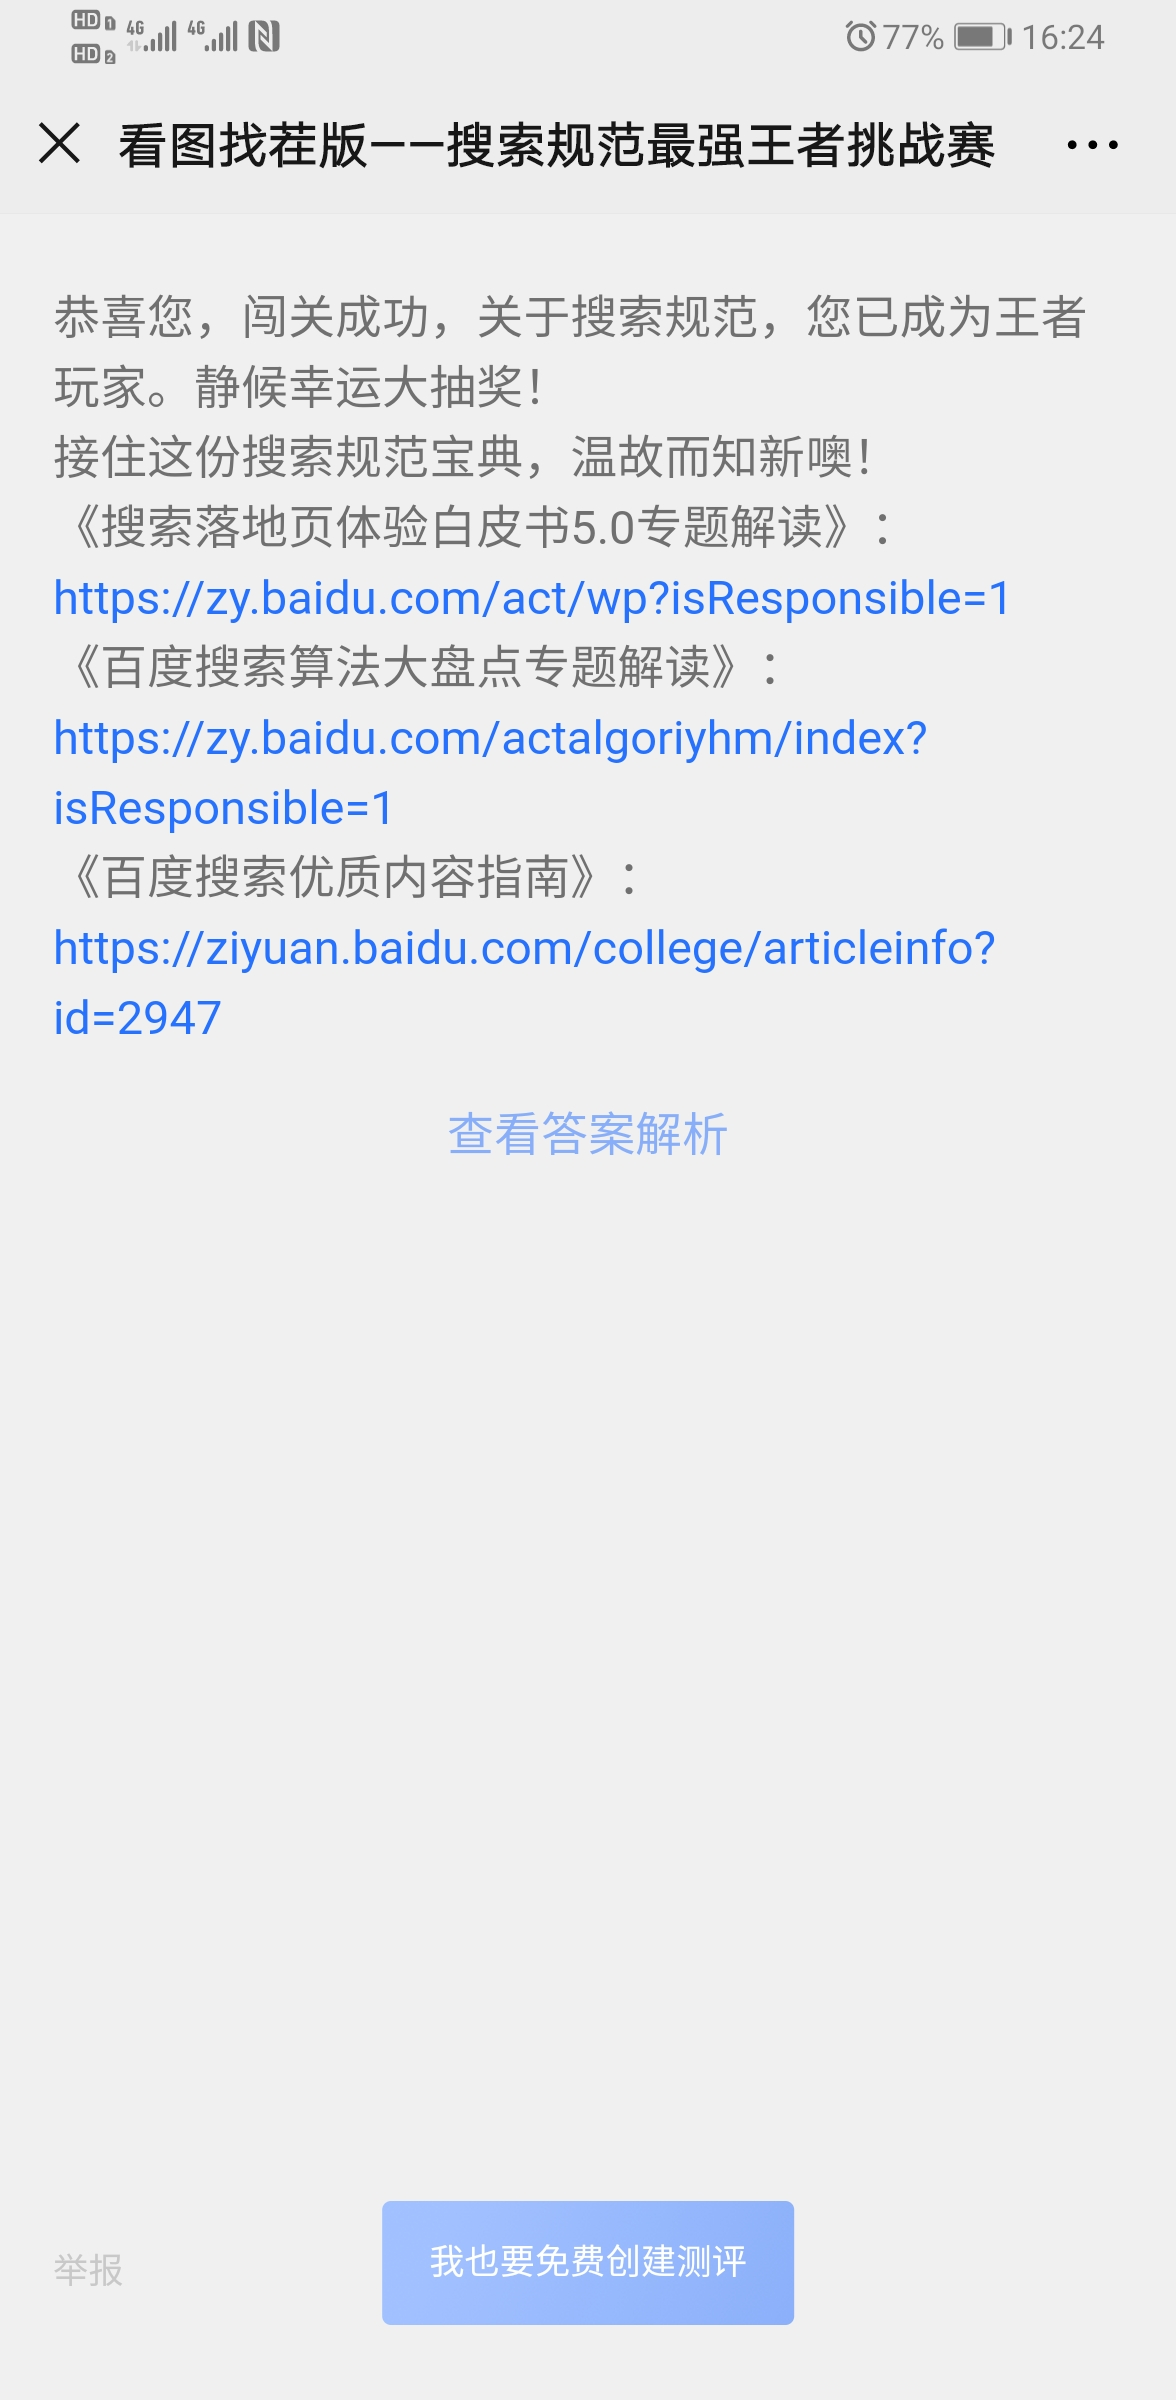 QQ图片20200529162440.jpg